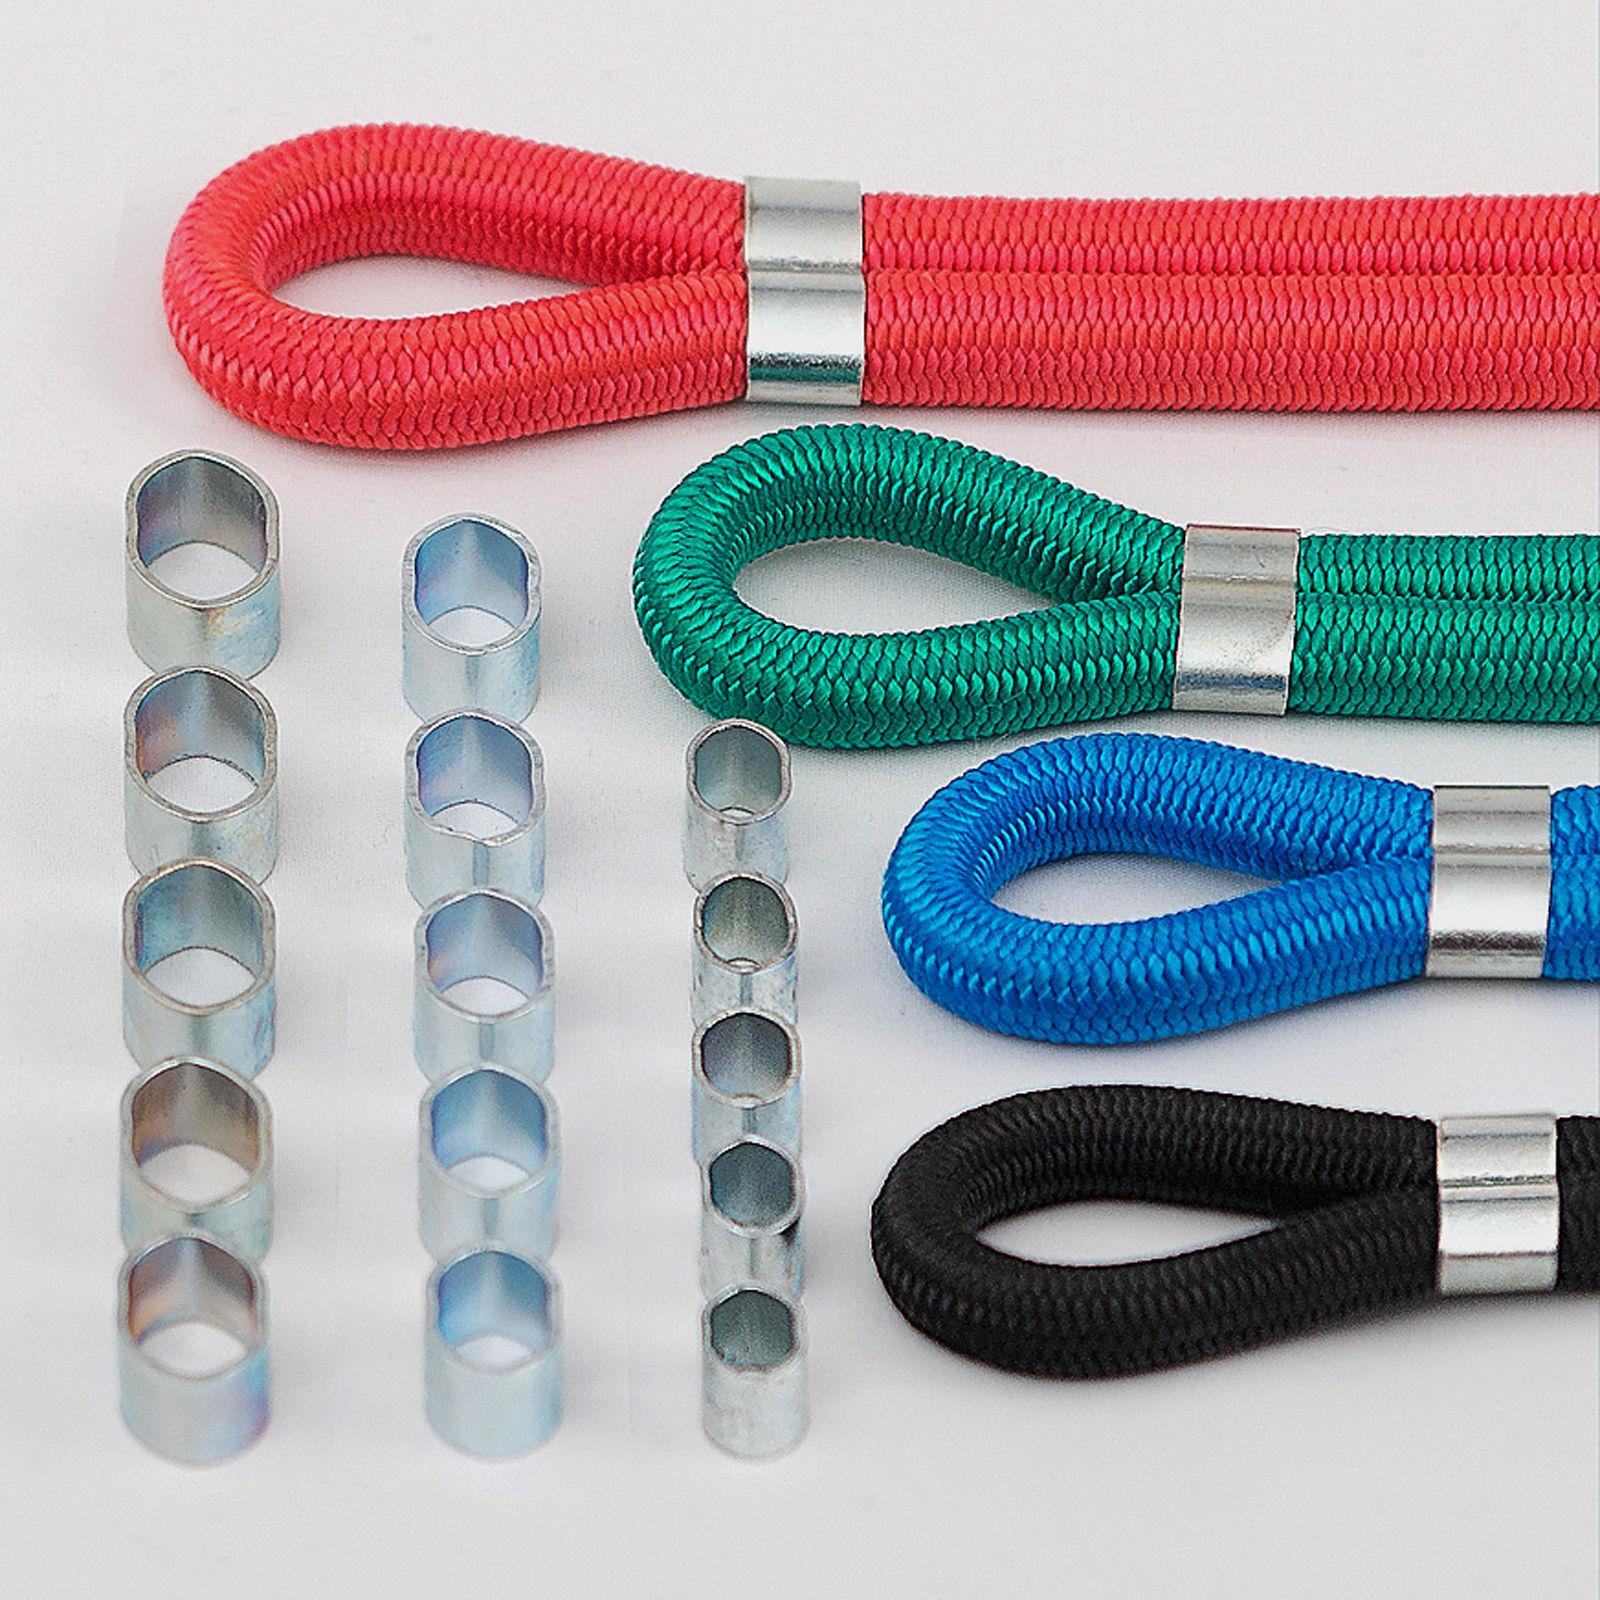 Würgeklemmen für Gummiseil Expander Polypropylenseil Leine  6  8  10 mm